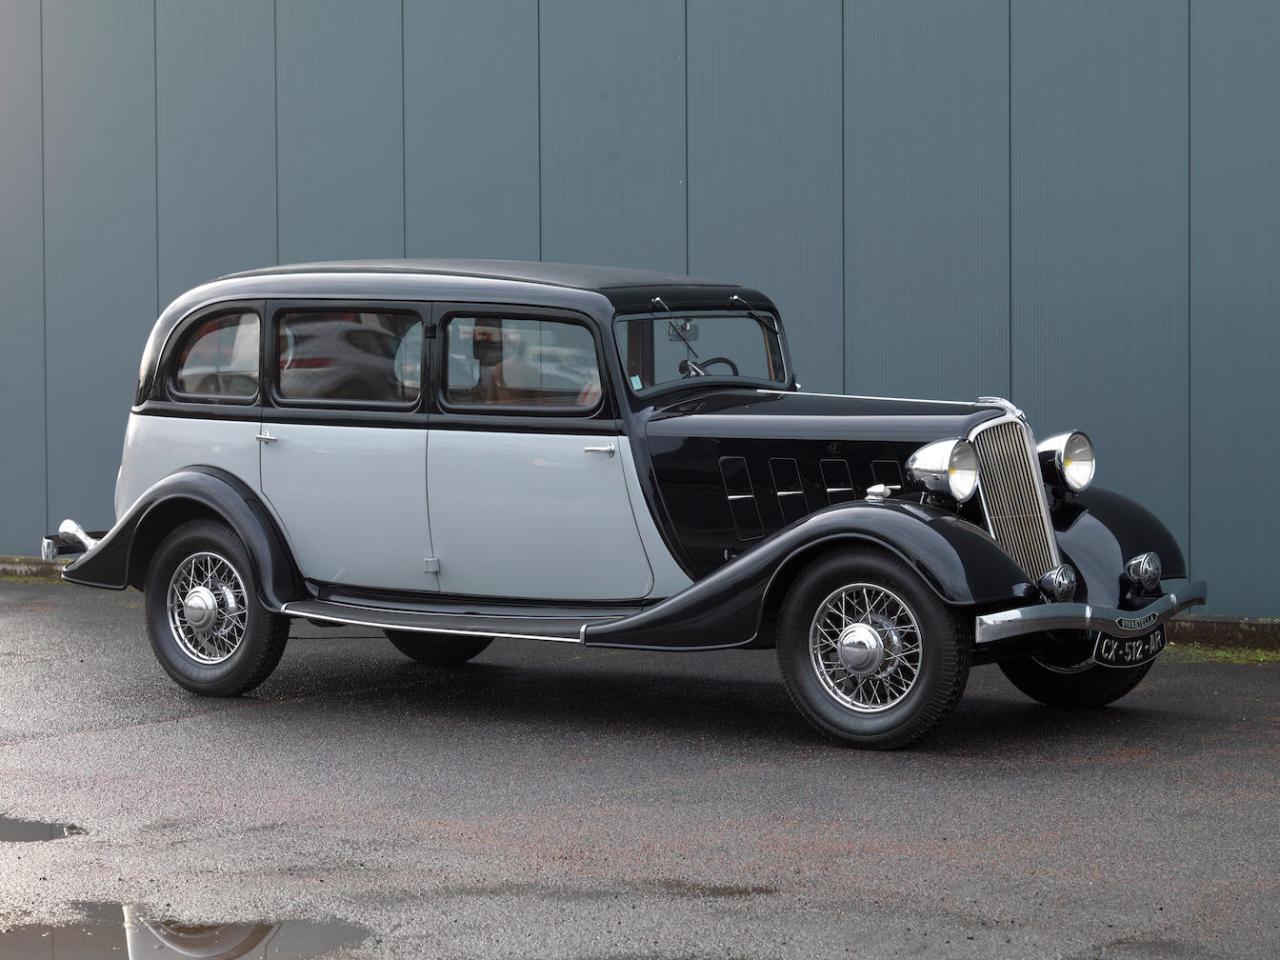 vente bonhams 2016 les voitures les moins ch res renault vivastella pg9 limousine lot 412. Black Bedroom Furniture Sets. Home Design Ideas